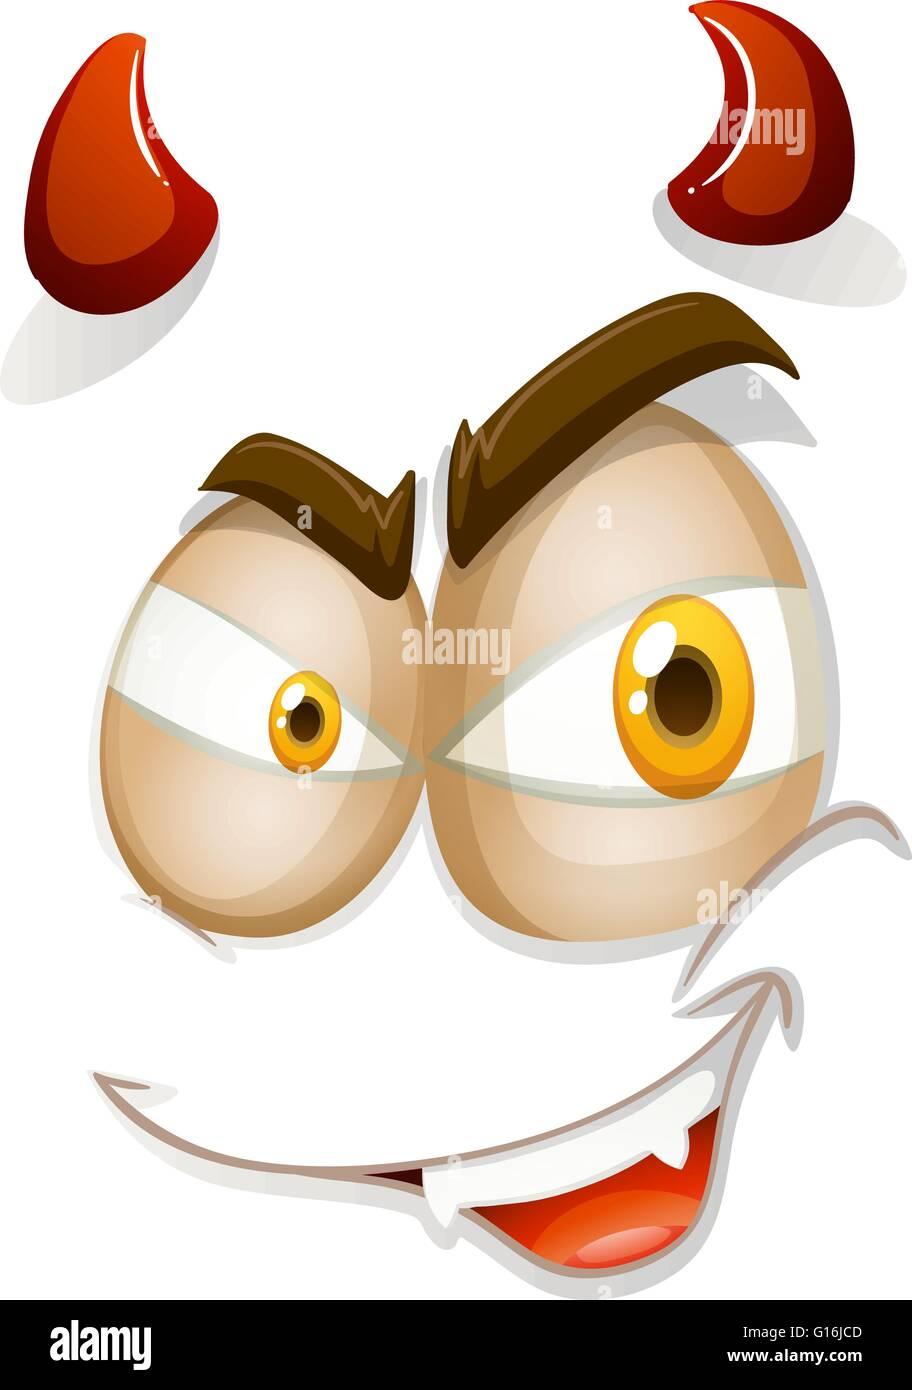 Devil face on white illustration - Stock Image